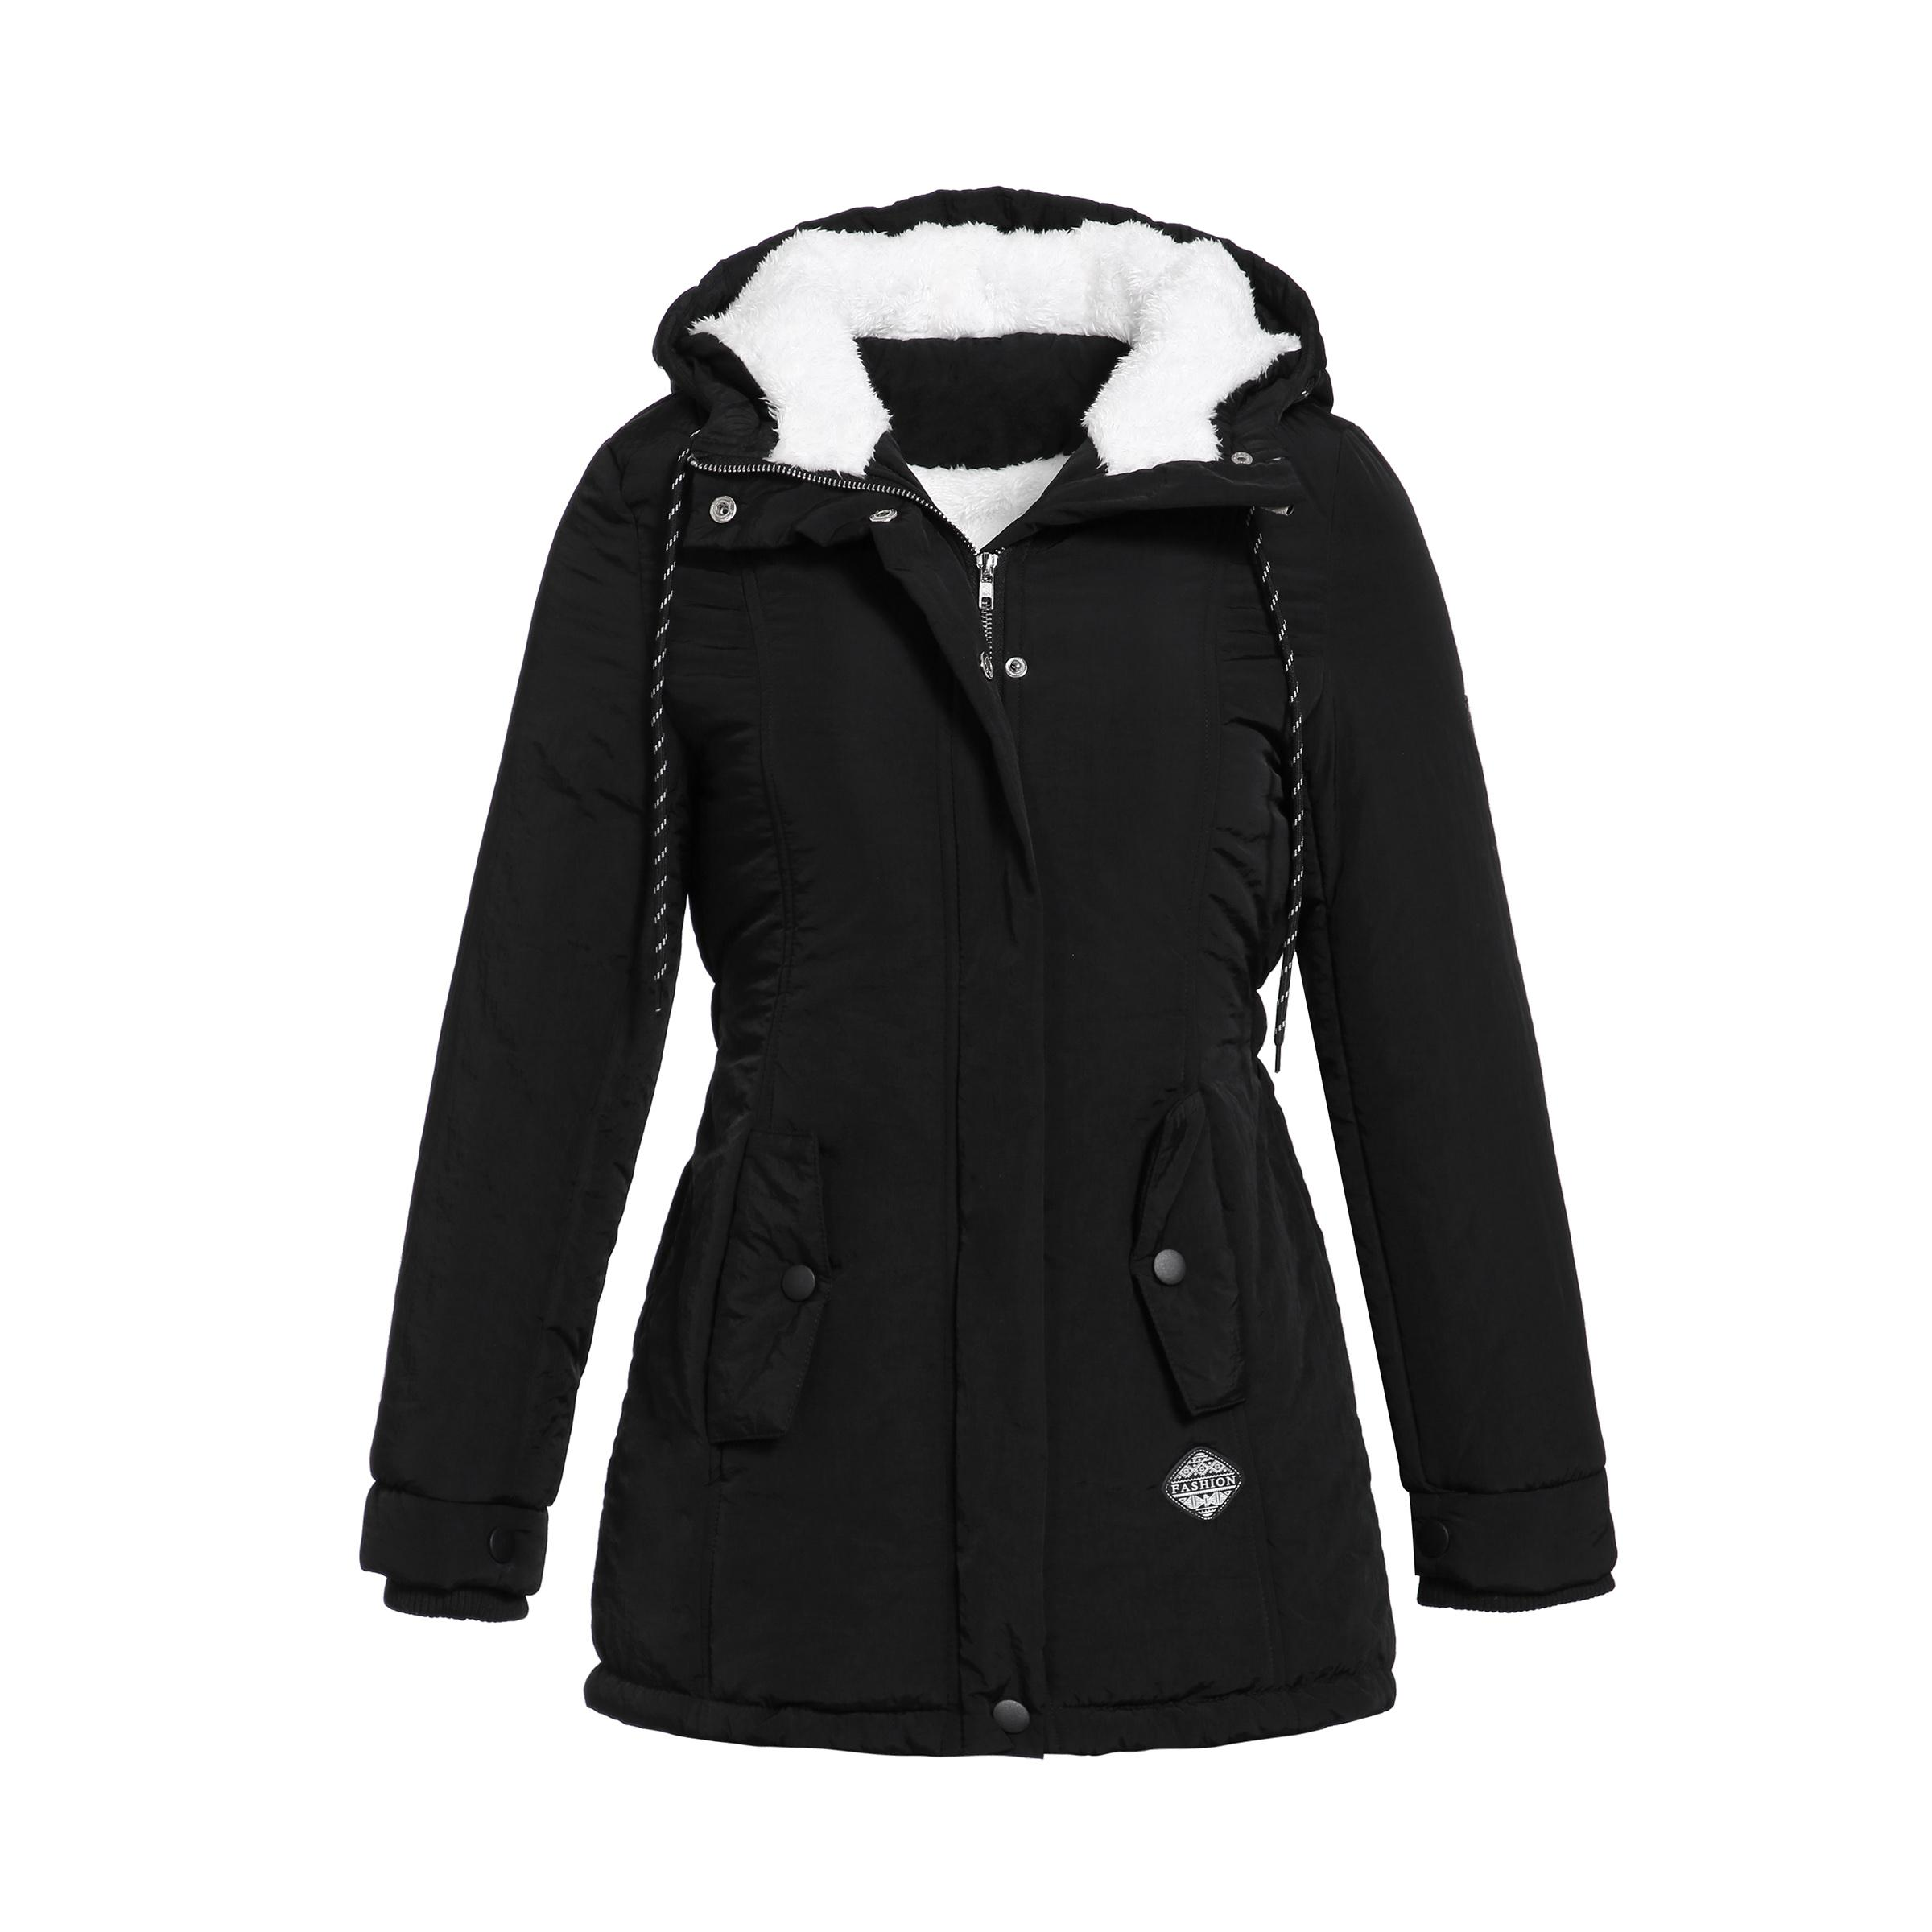 Siyah Pamuk Mont Kadın Rahat Ceket Ceket Moda Basit Yüksek Sokak Ince Kış Sıcak Kalınlaşmak Temel Üstleri Kadın Artı Boyutu Çalışması T190817